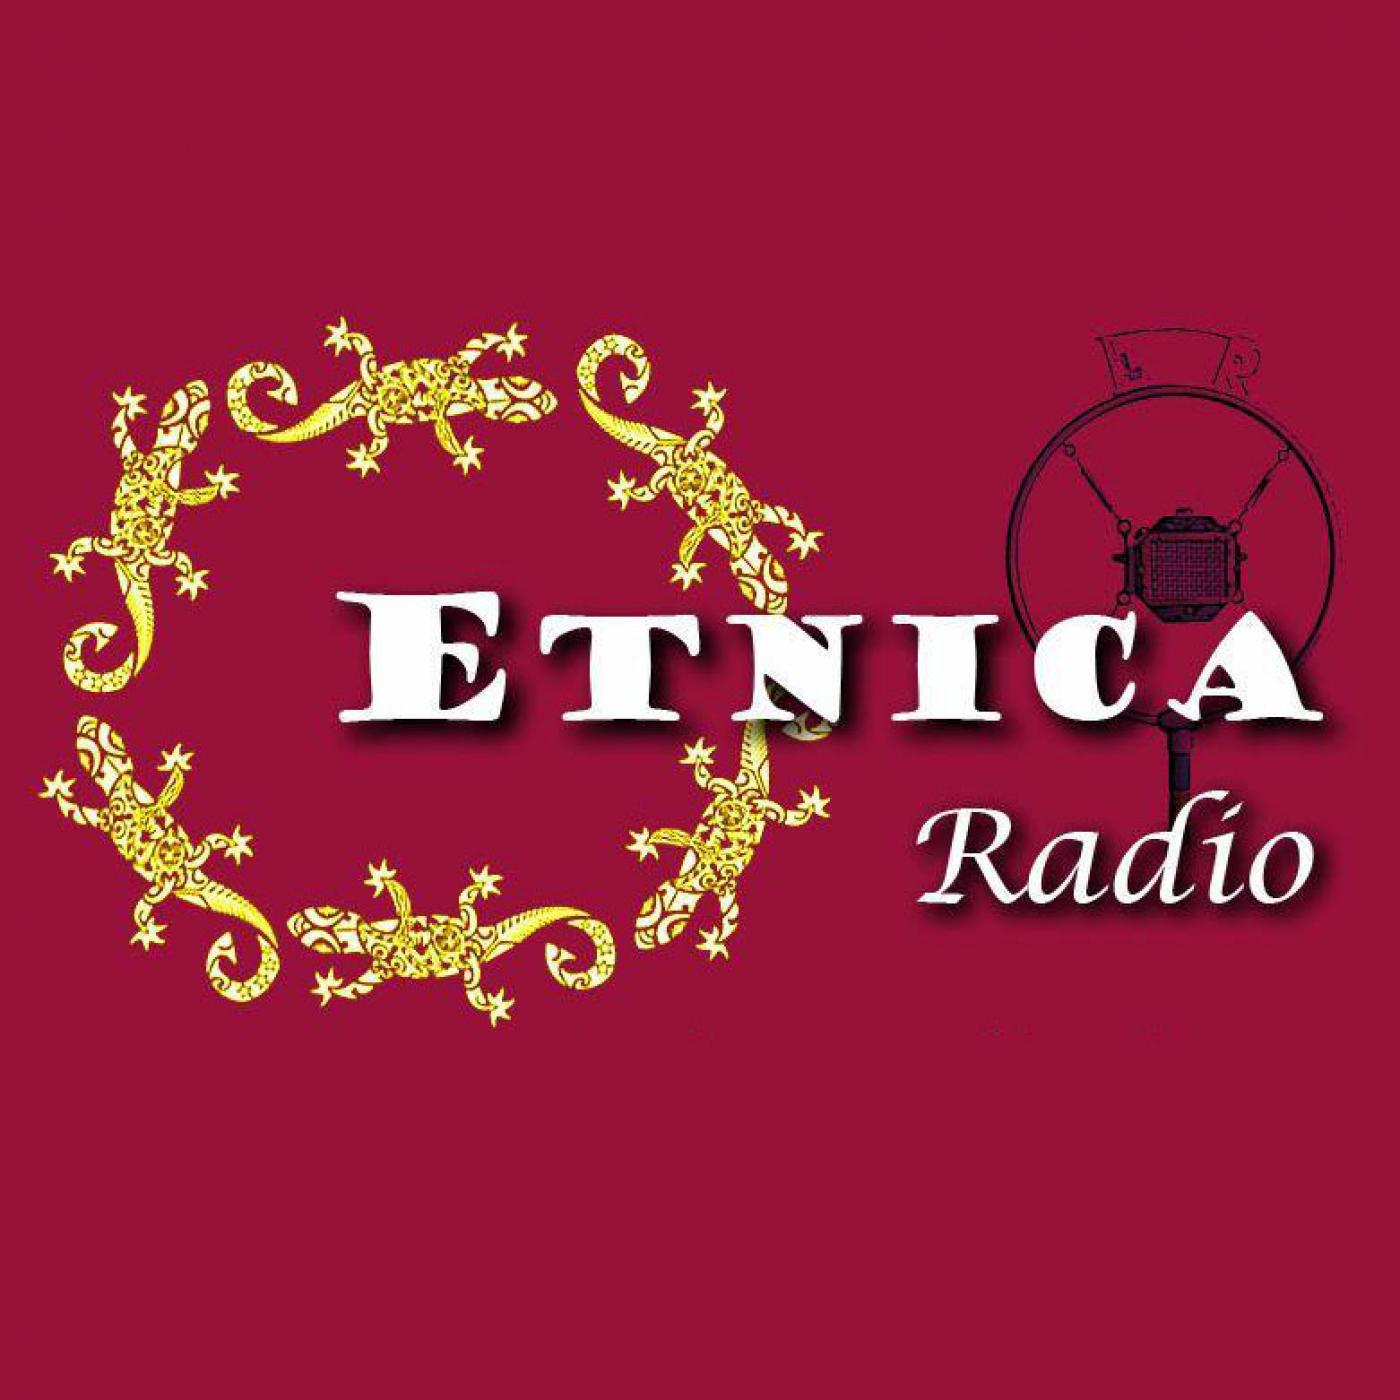 Etnica Radio